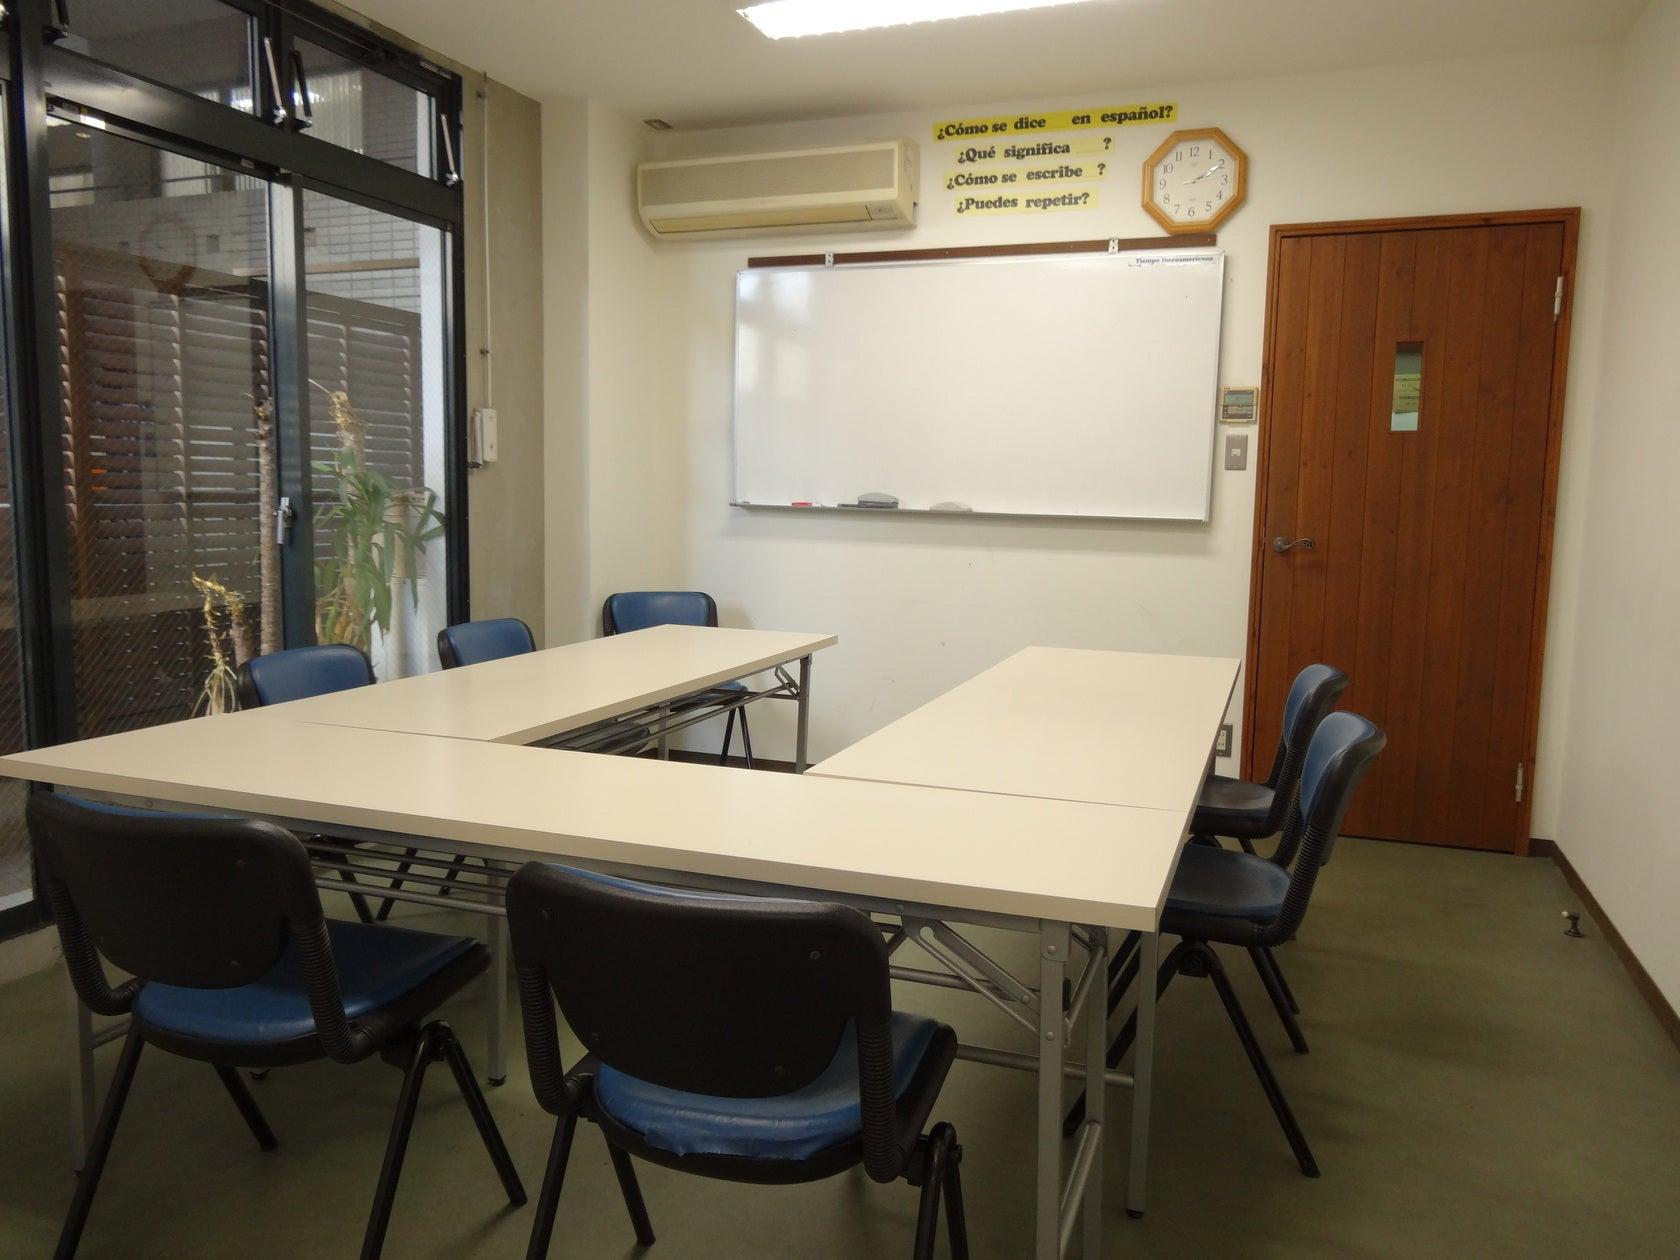 天神・大名エリアでアクセス抜群!ミーティングや教室に便利な会議室(天神・大名エリアでアクセス抜群!会議室・ミーティングルーム) の写真0